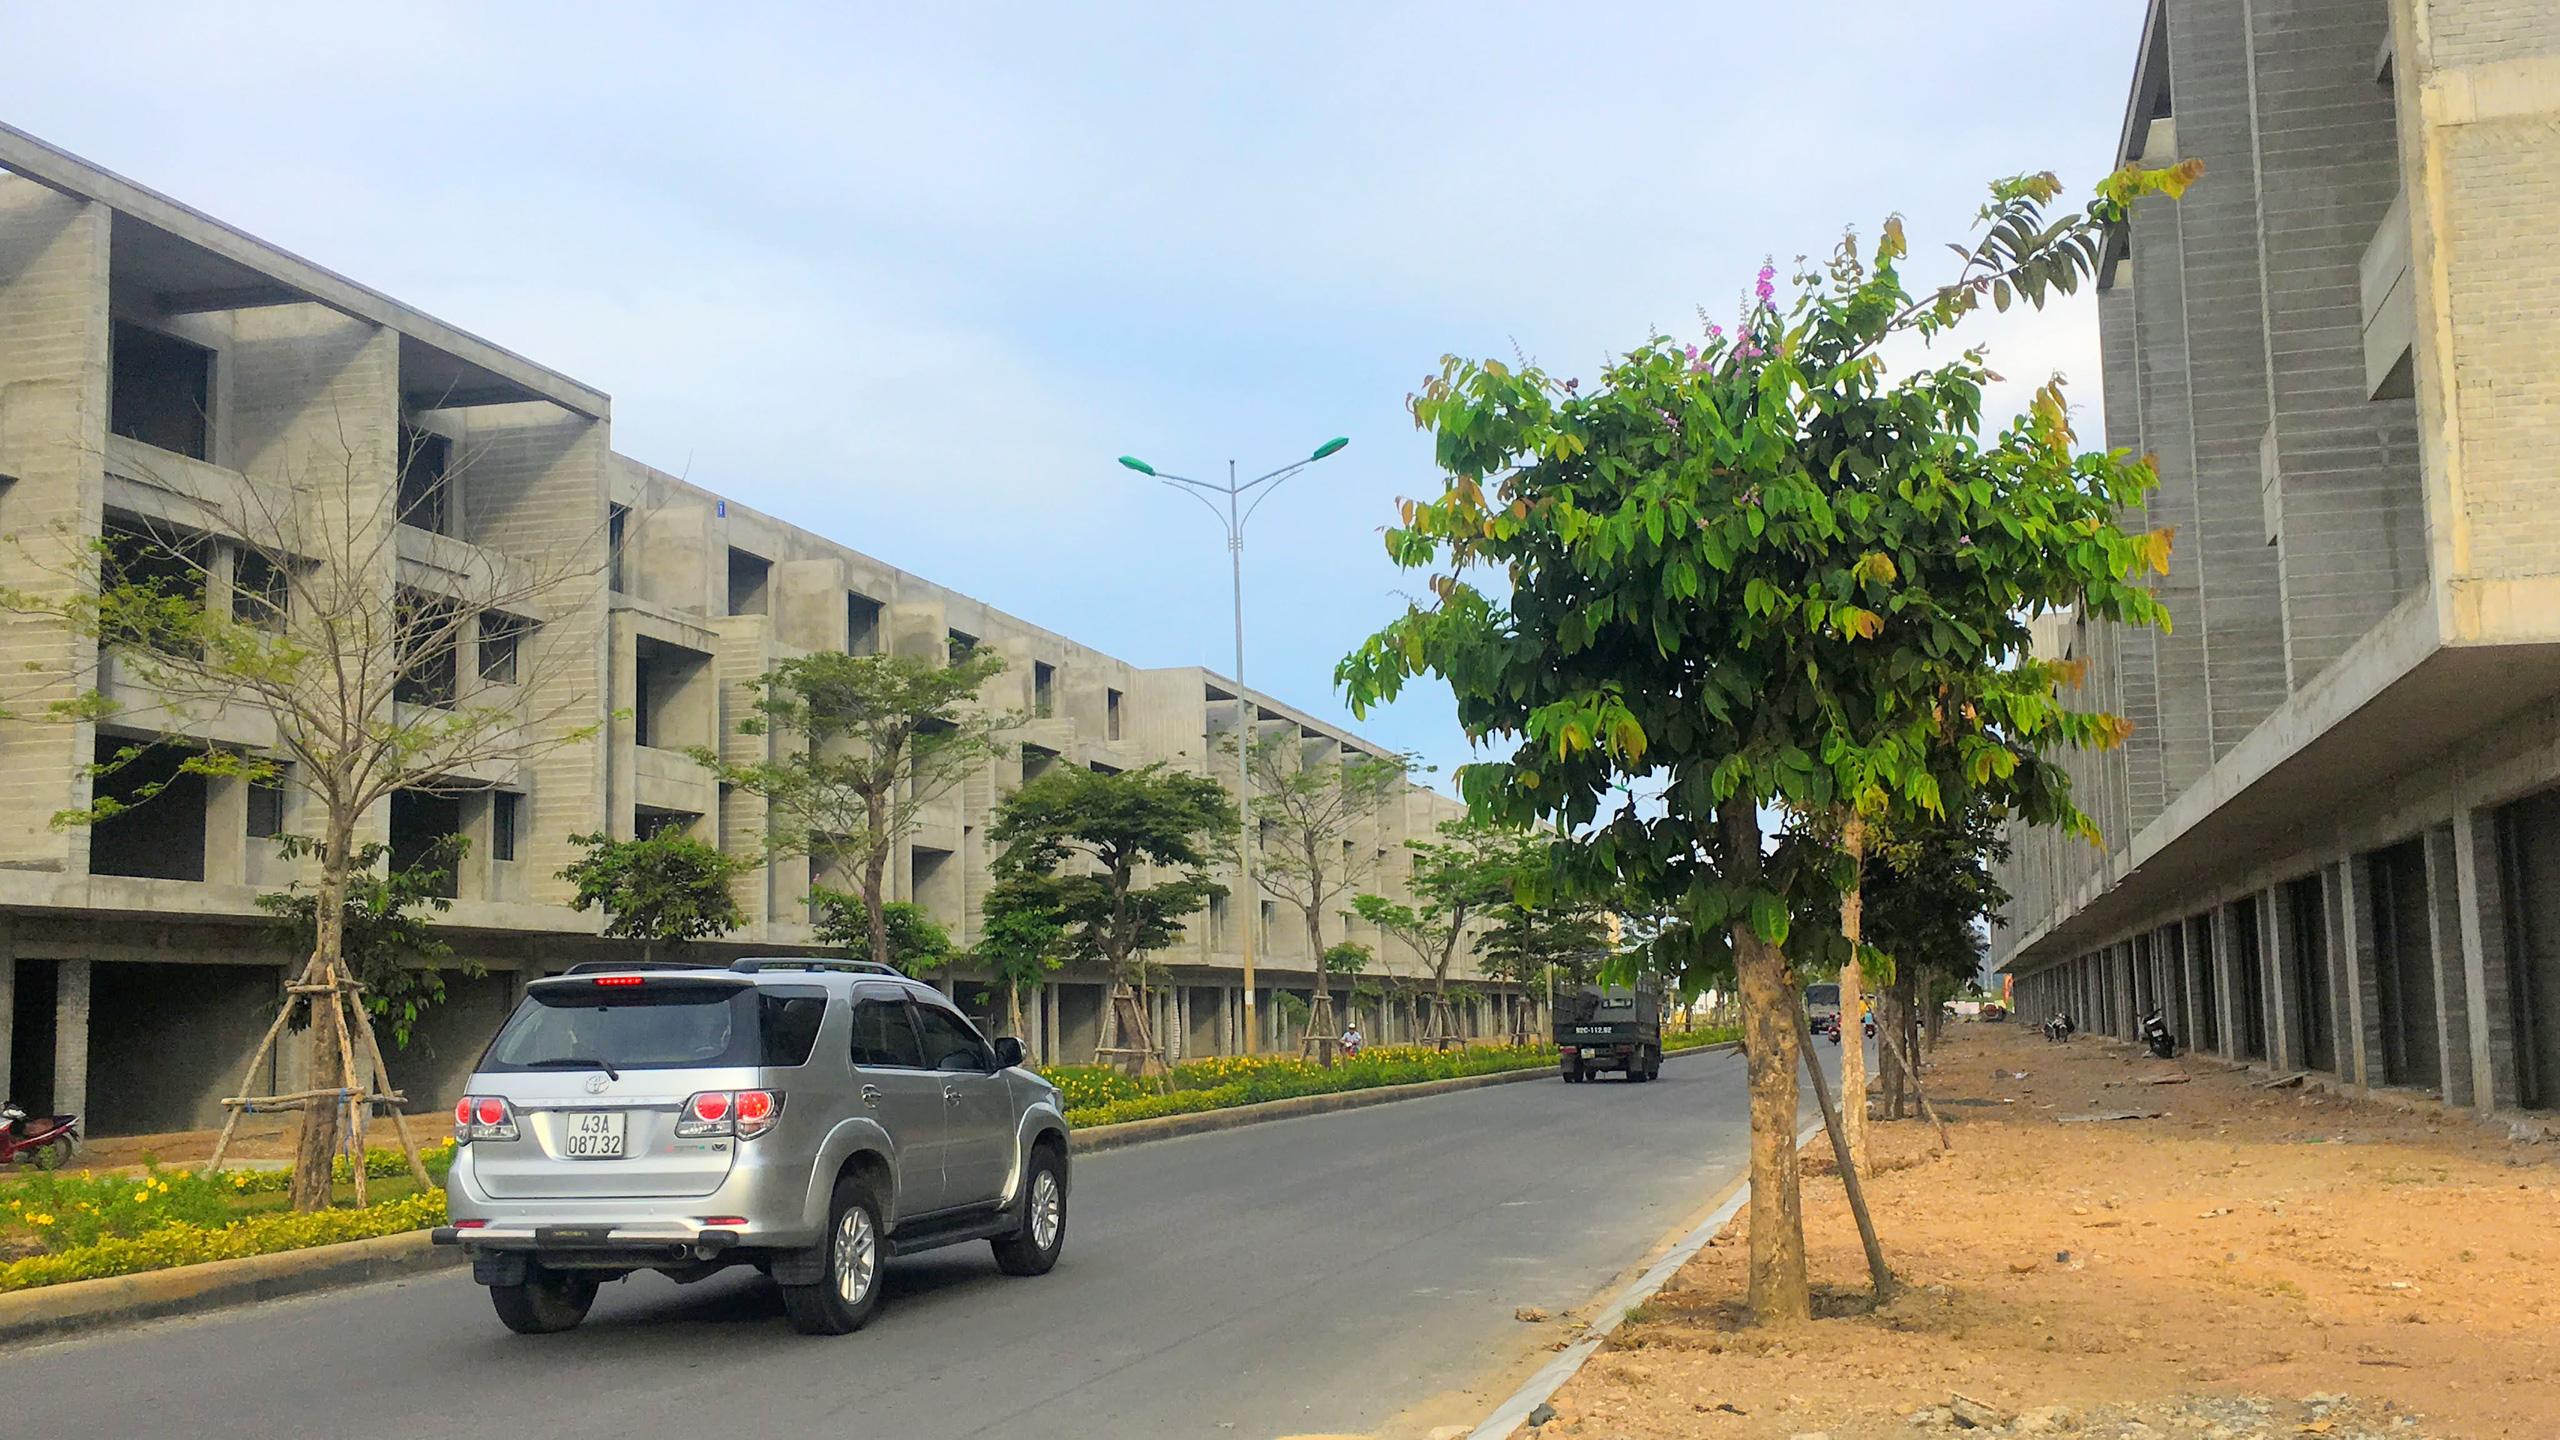 Quỹ đất ở đô thị Đà Nẵng tăng hơn 400 ha trong 5 năm - Ảnh 1.